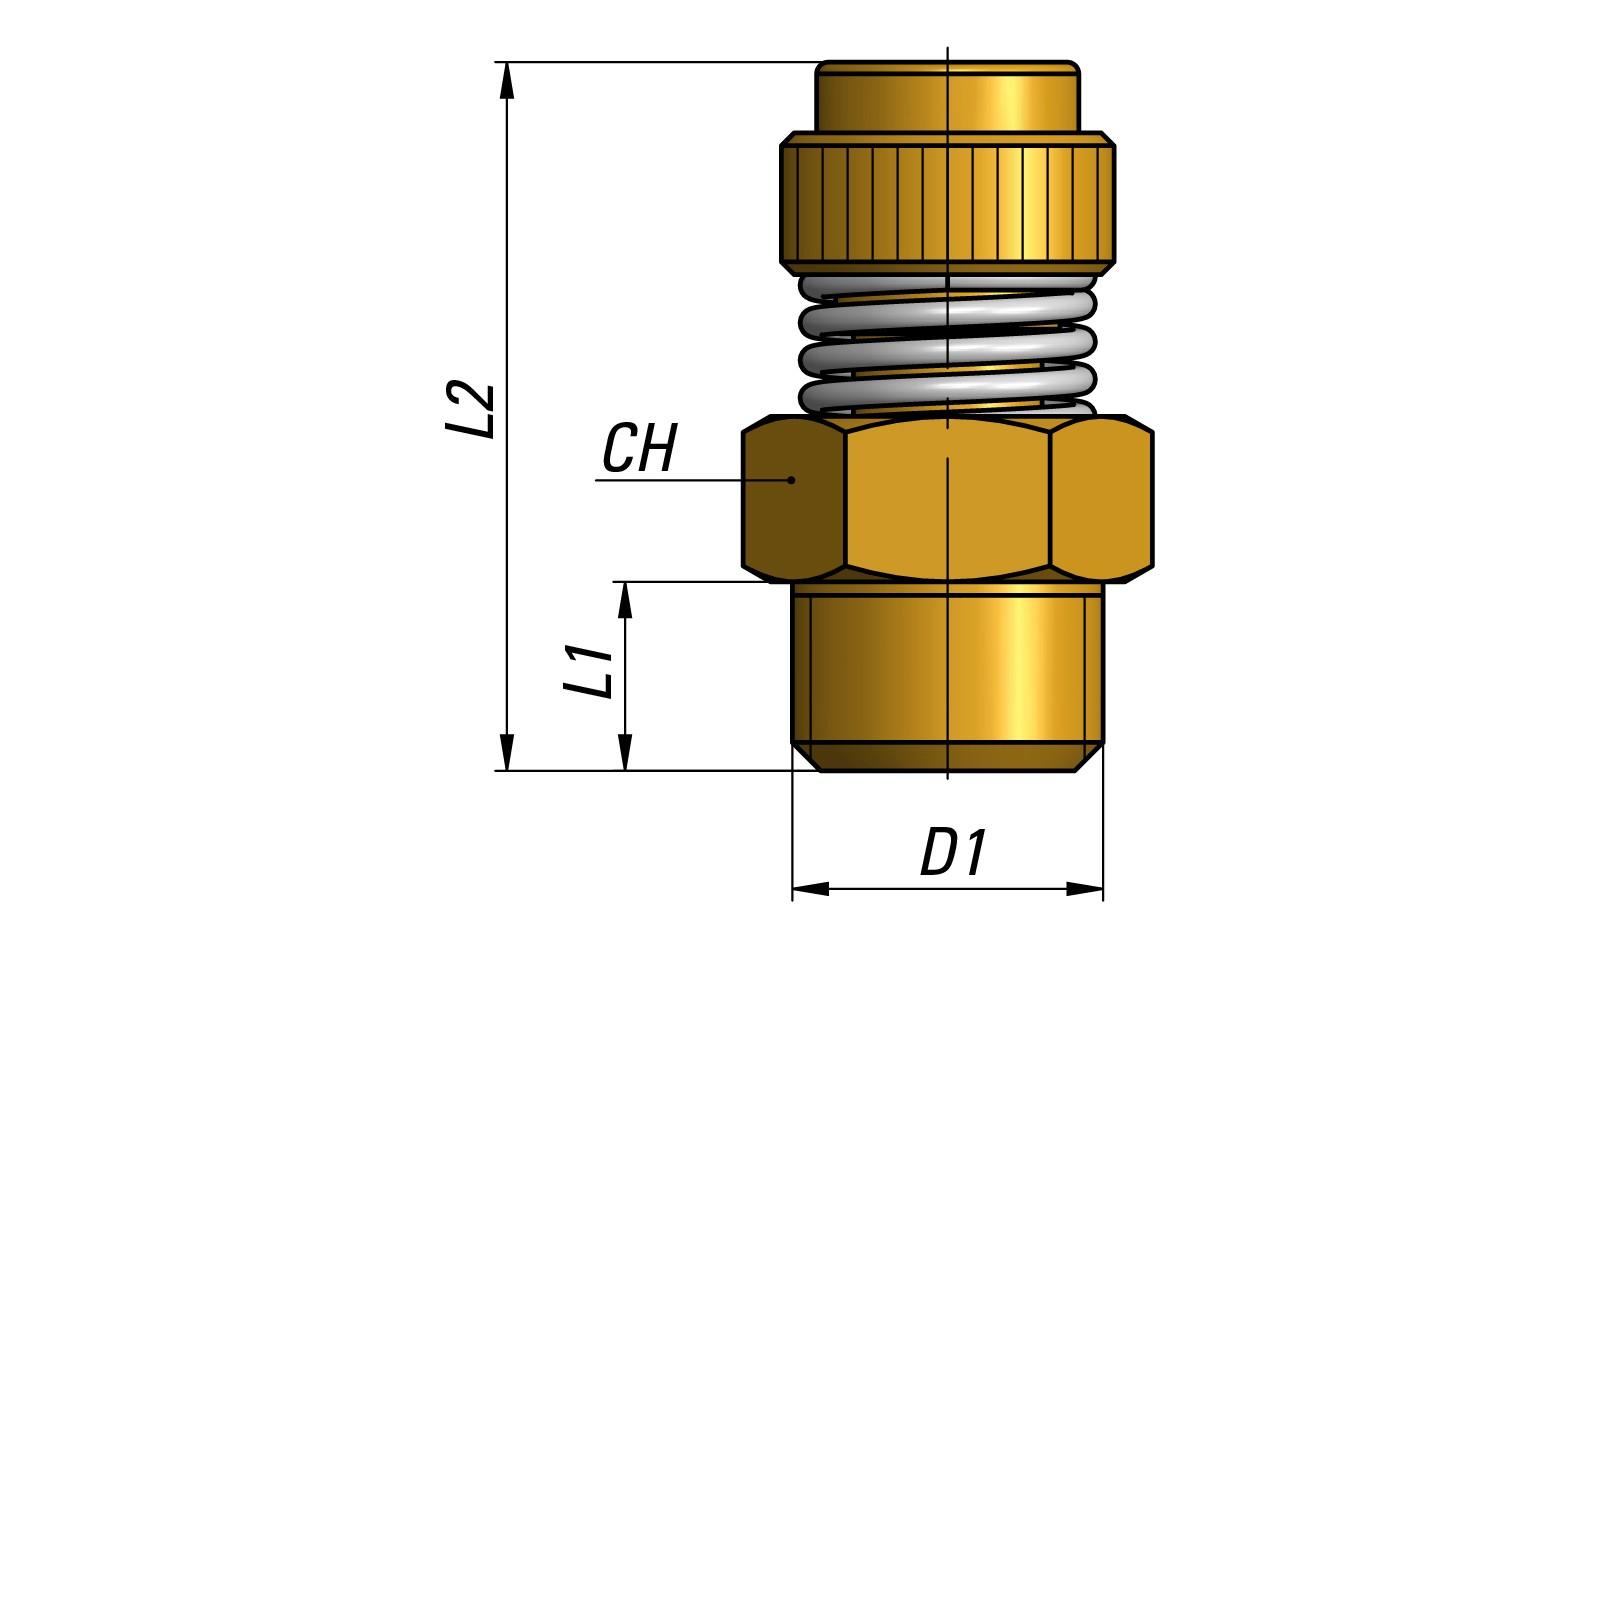 MV11 00 38 -VE